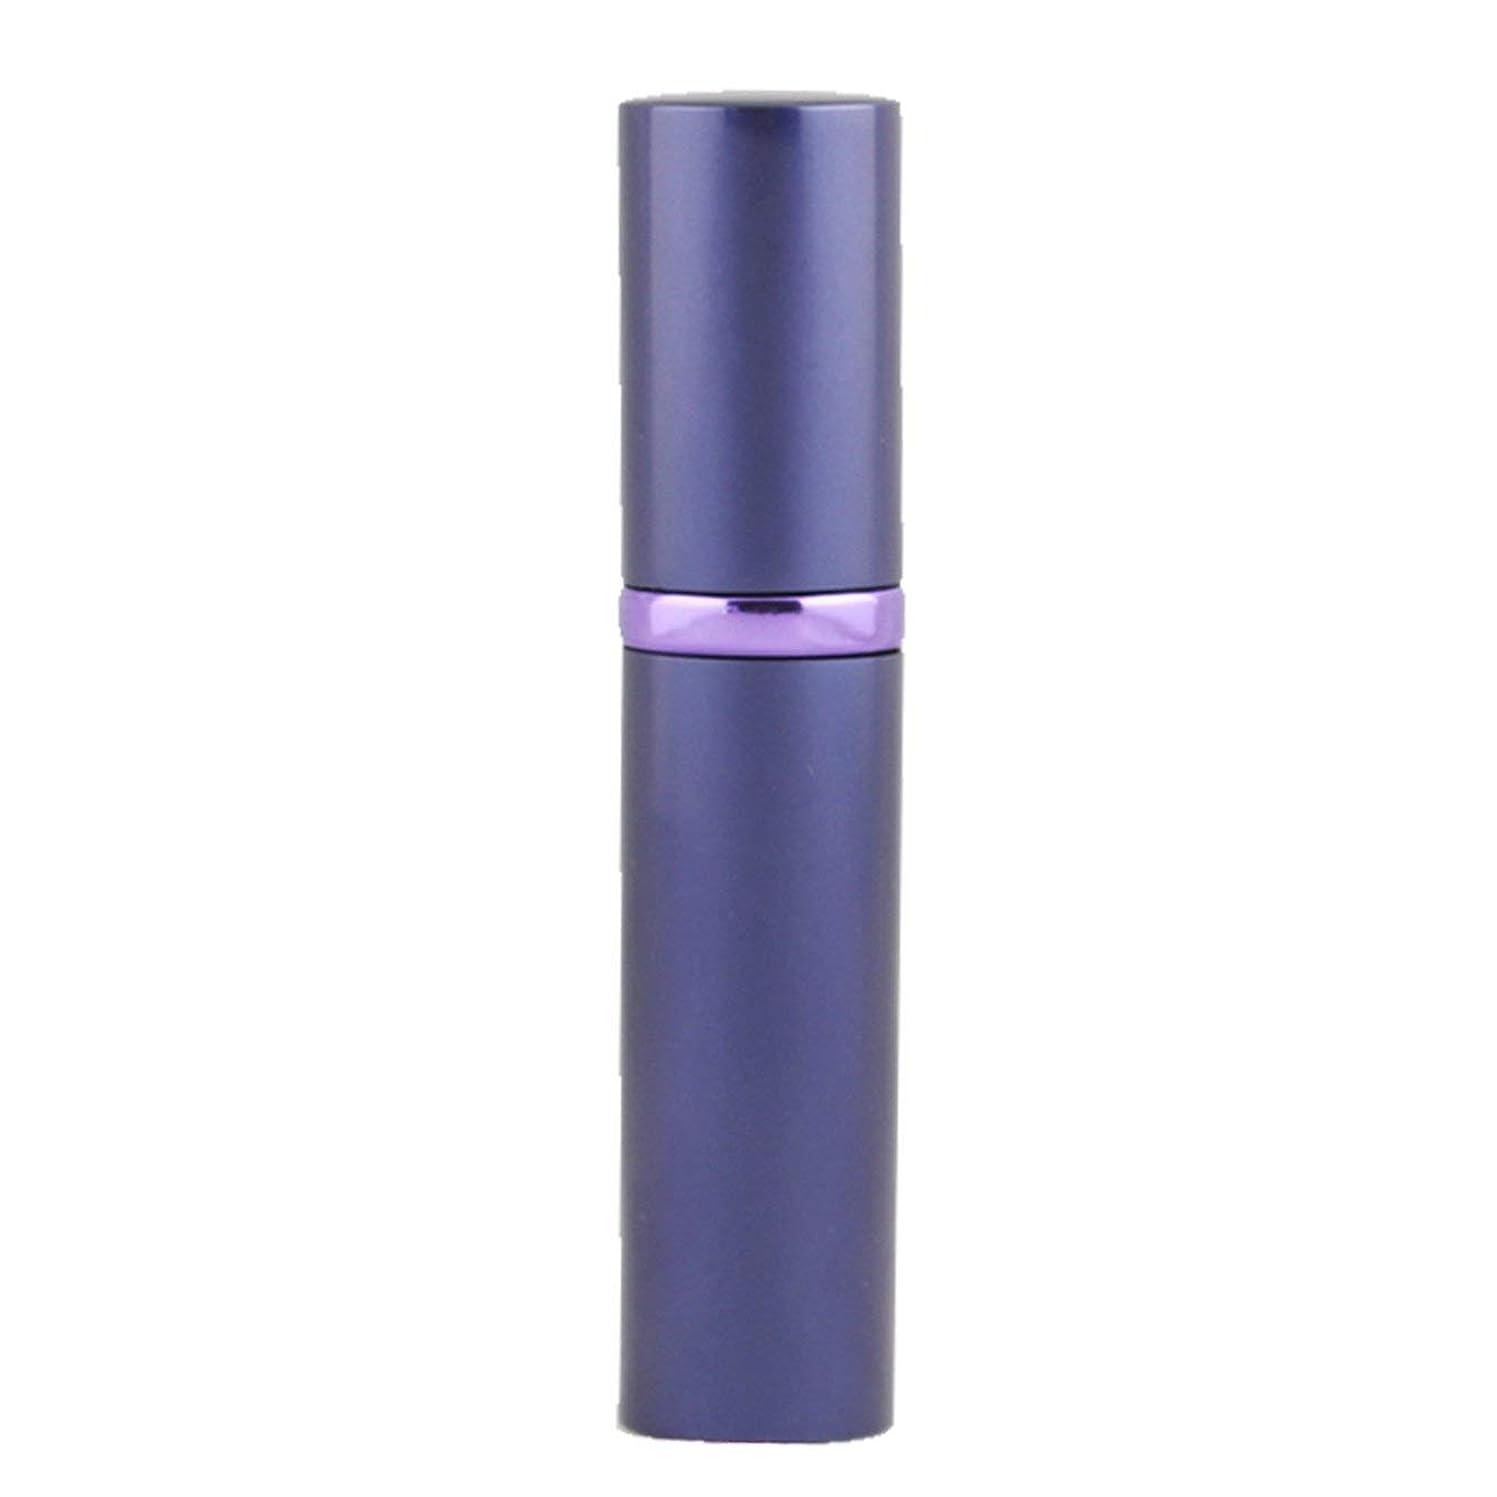 デモンストレーションロースト内陸アトマイザ- 詰め替え ポータブル クイック 香水噴霧器 携帯用 詰め替え容器 ワンタッチ補充 プシュ式 (パープル Purple)